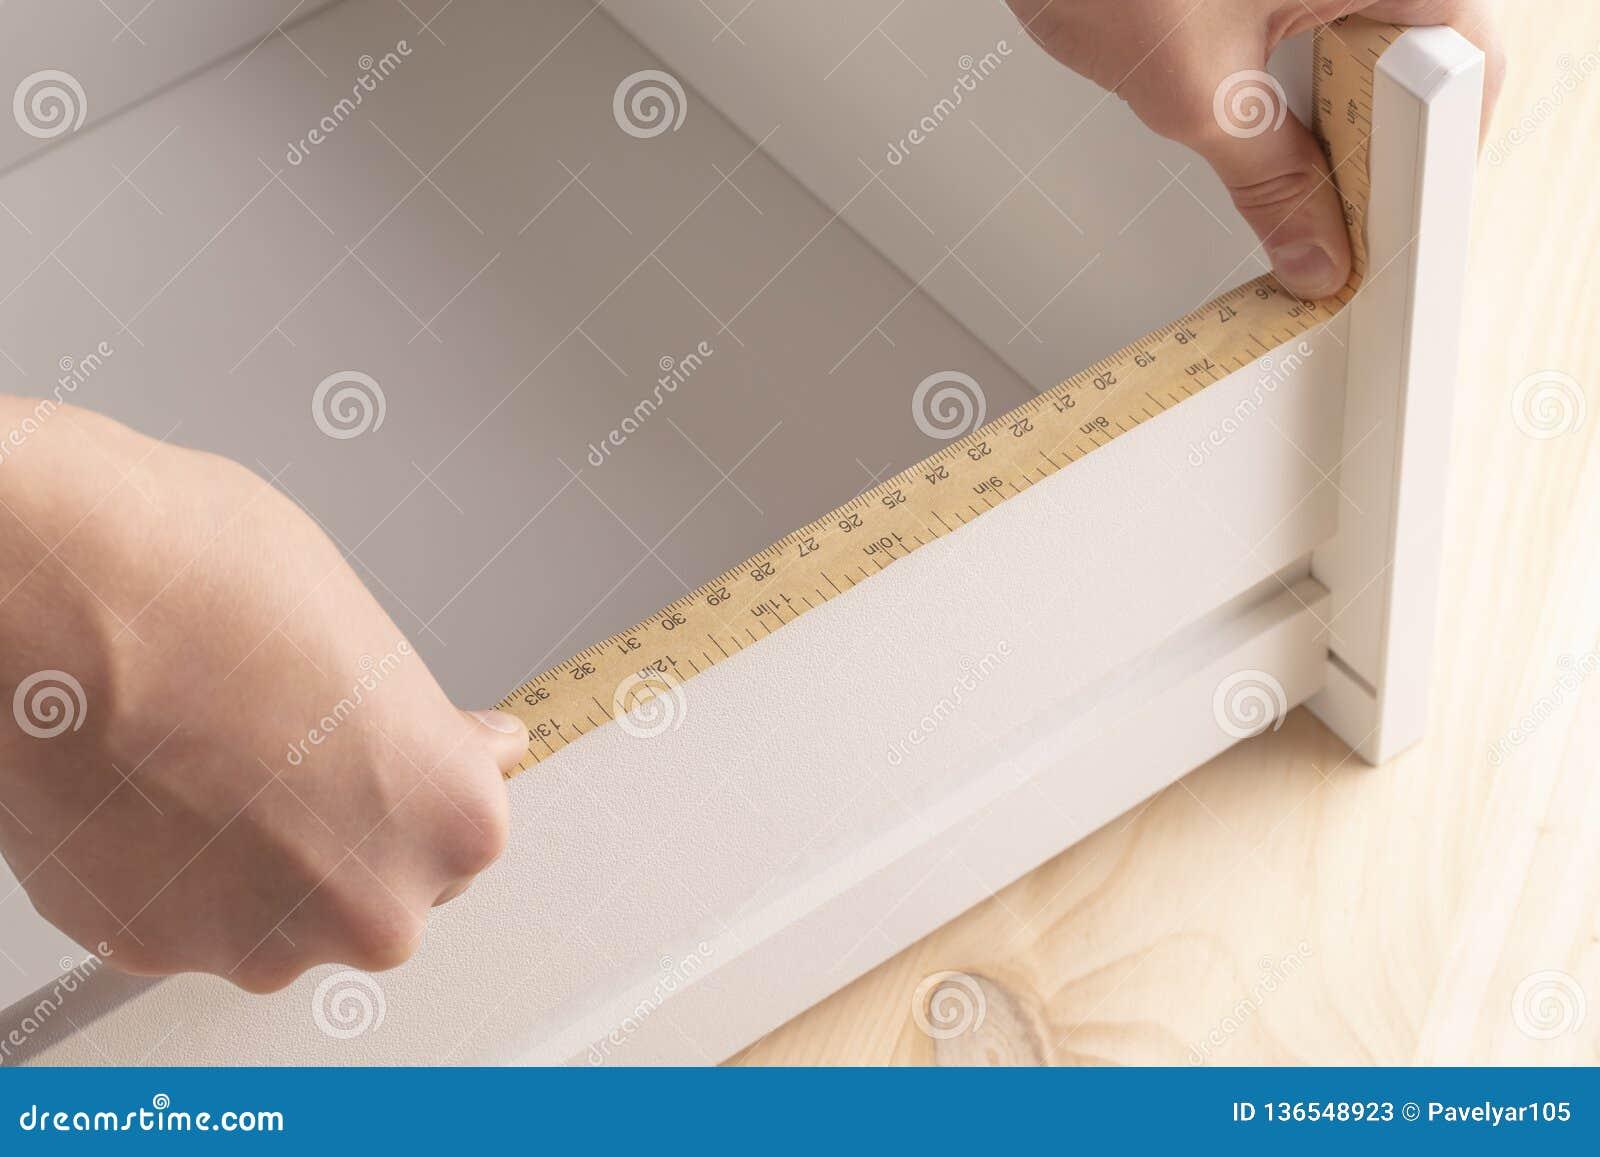 Ein junger Mann misst die Regale mit einem Messgerät